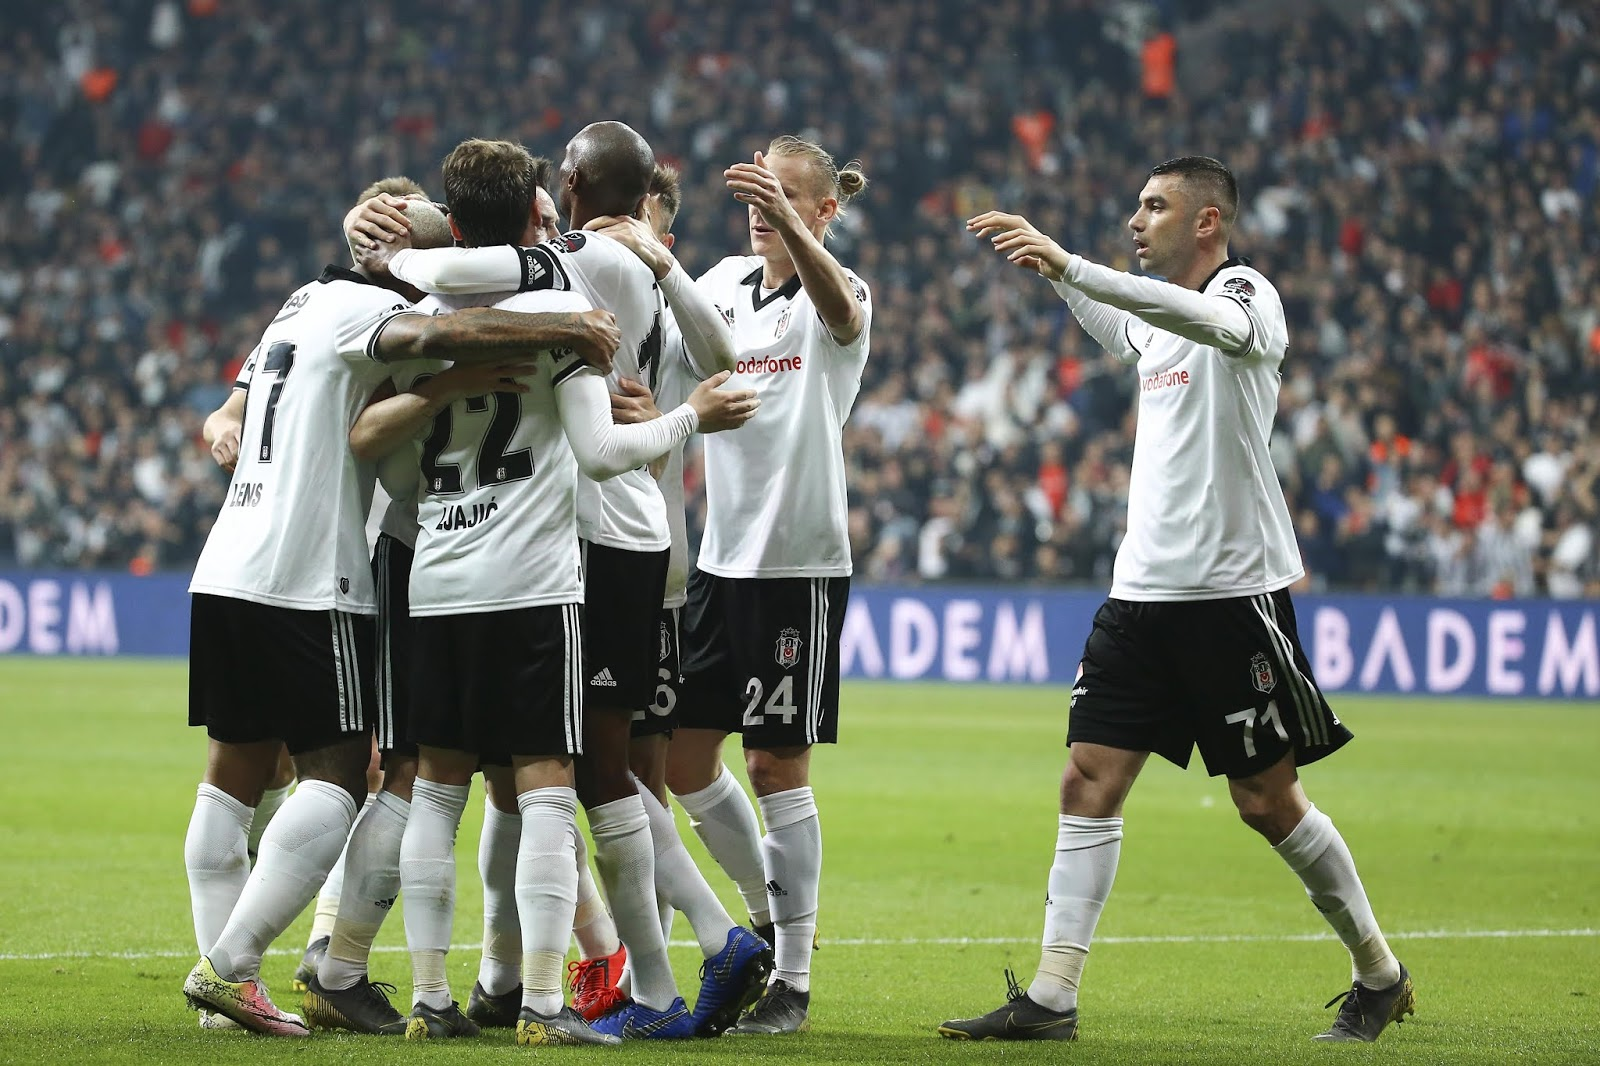 Beşiktaş A takım kadro 2019